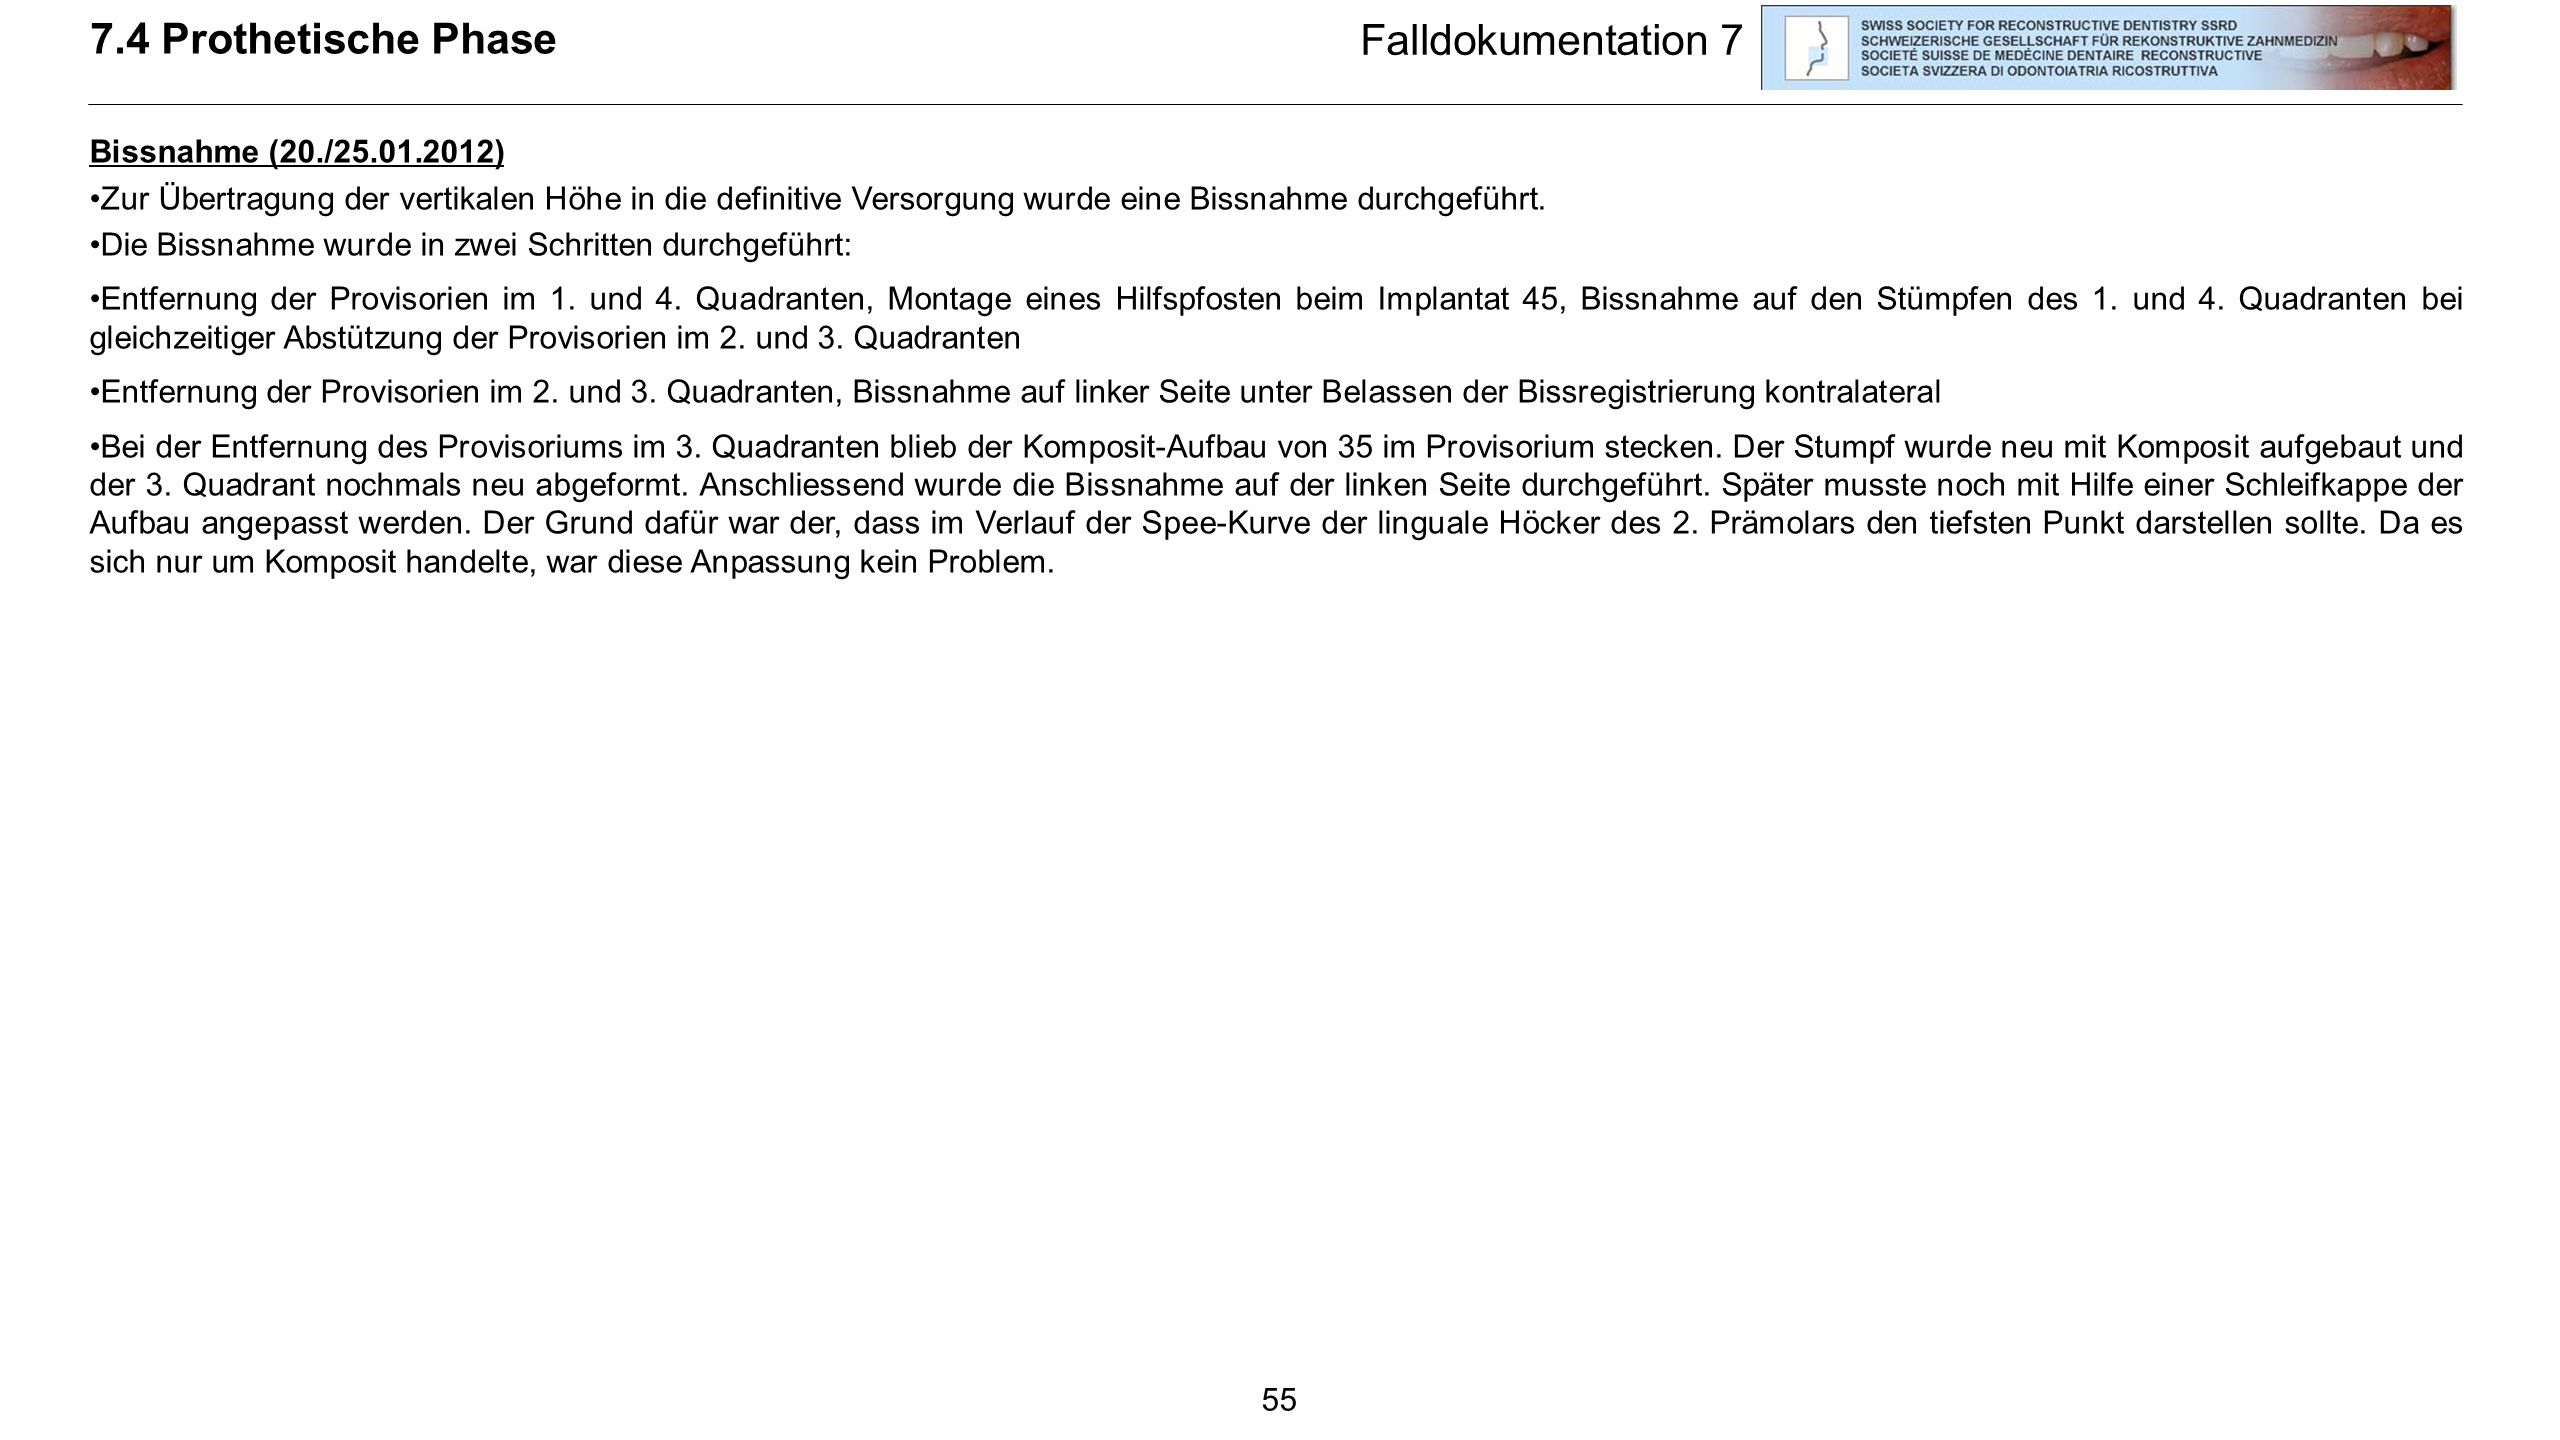 55 Falldokumentation 7 Bissnahme (20./25.01.2012) Zur Übertragung der vertikalen Höhe in die definitive Versorgung wurde eine Bissnahme durchgeführt.